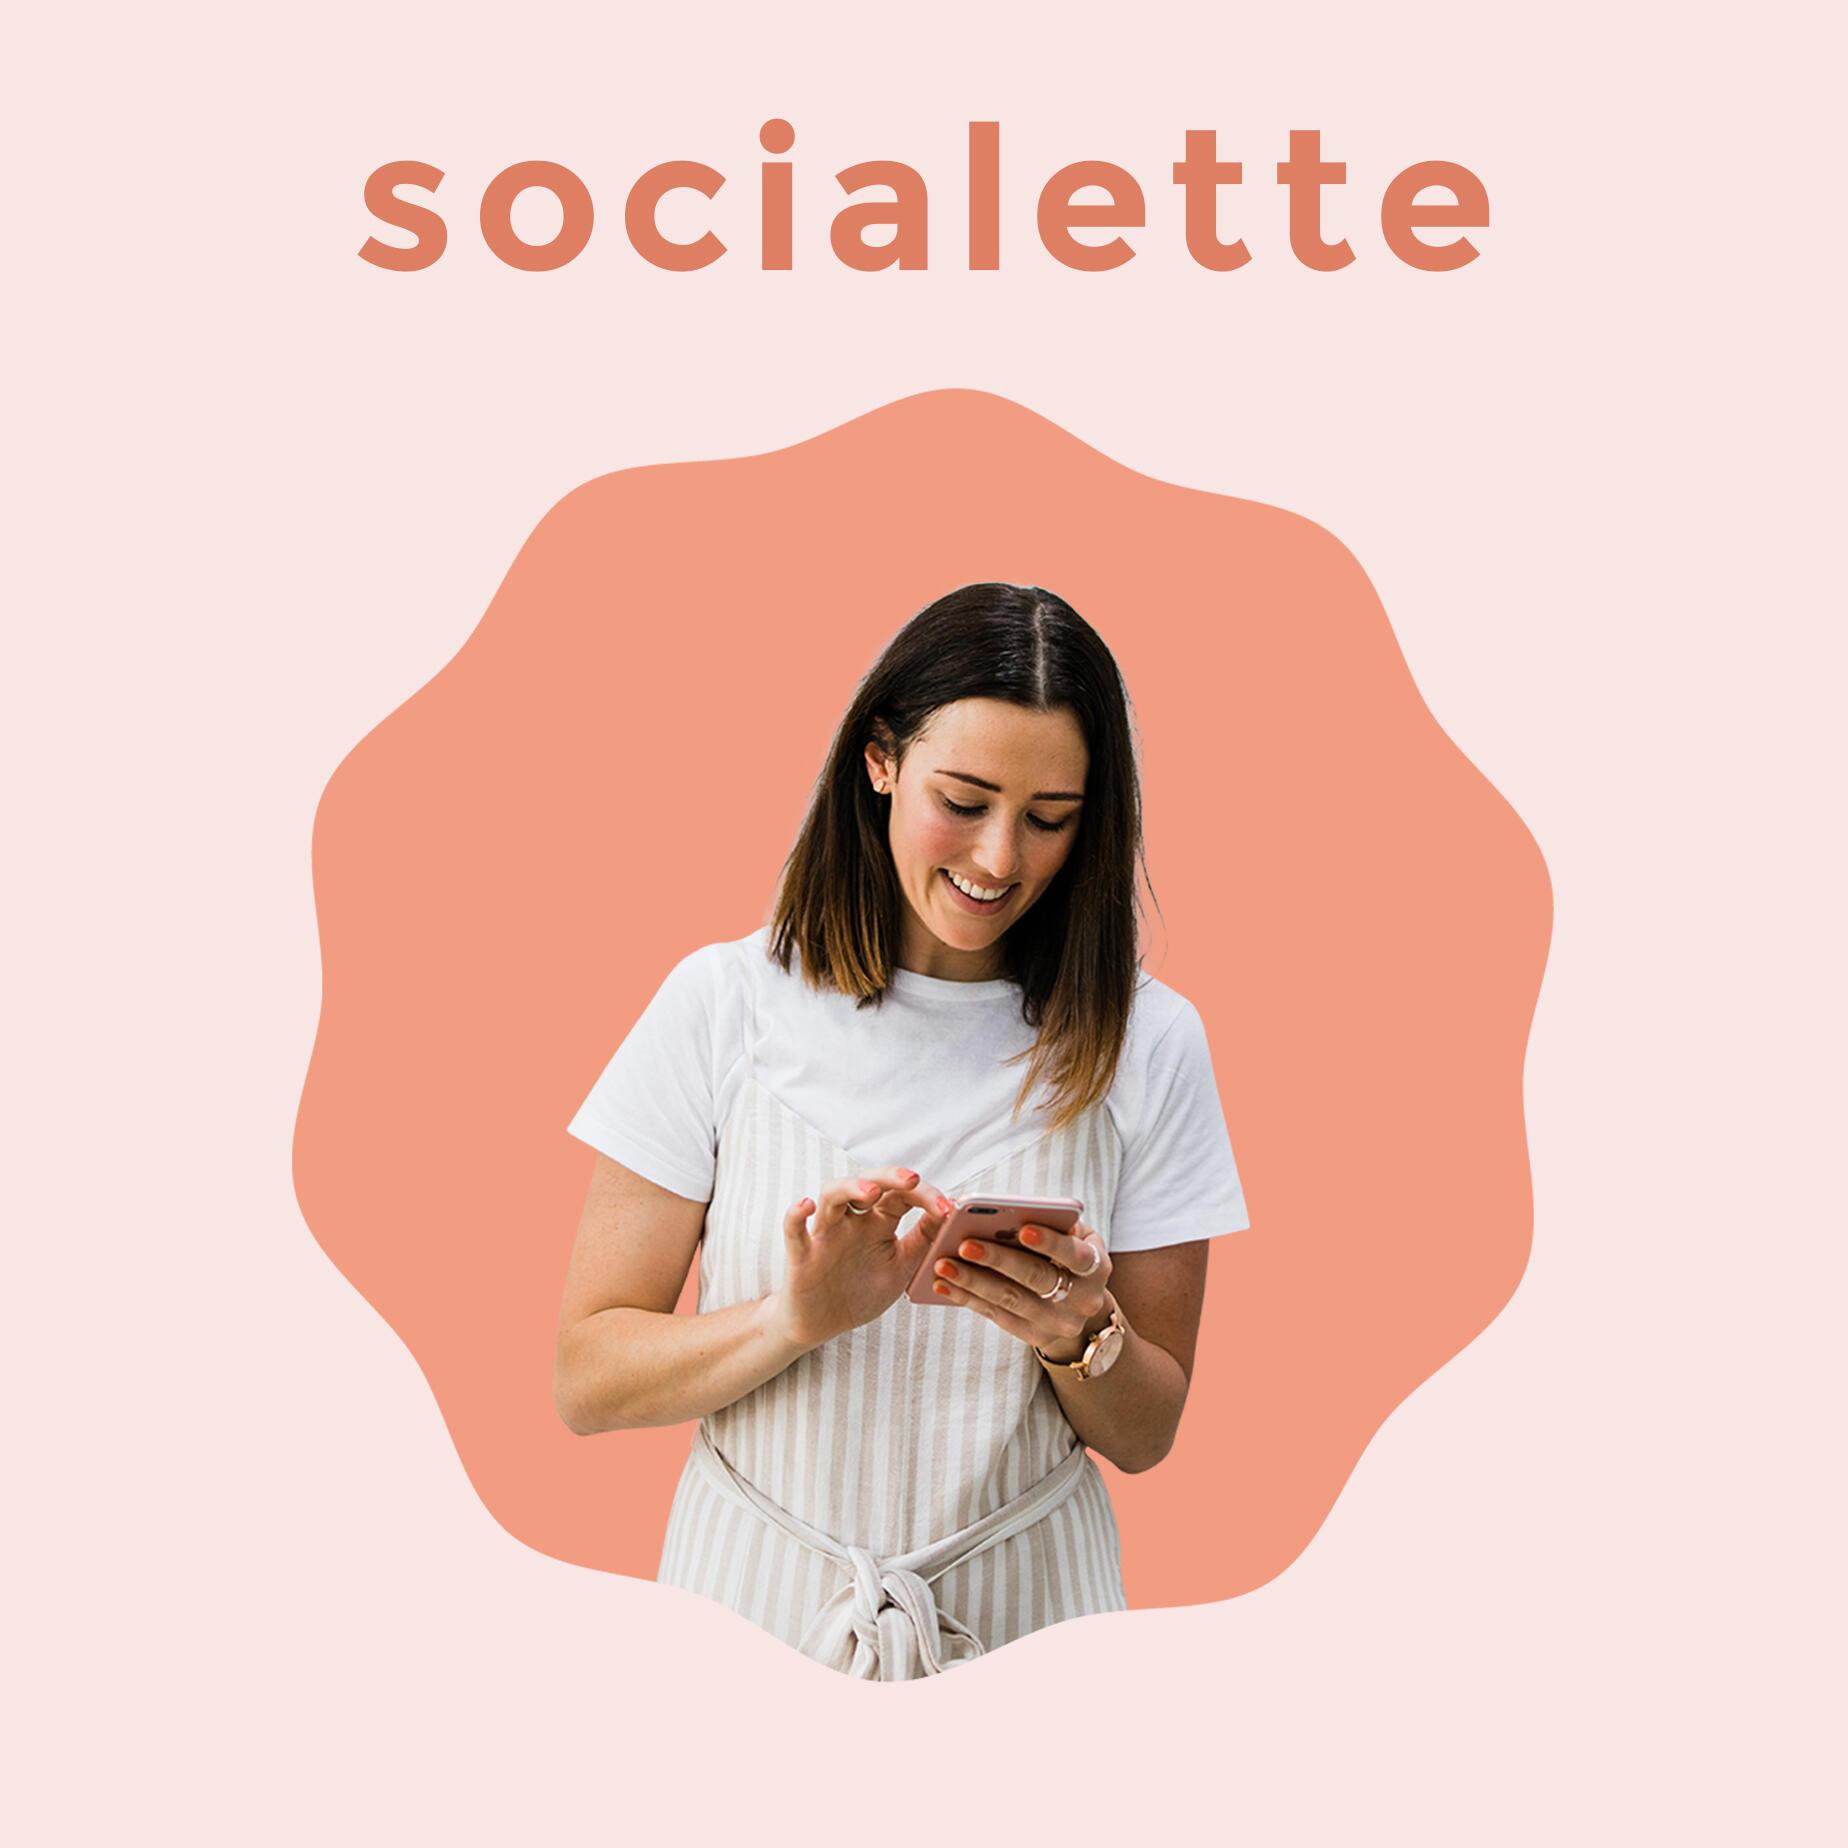 Socialette: Bite-Sized Online Marketing Podcast